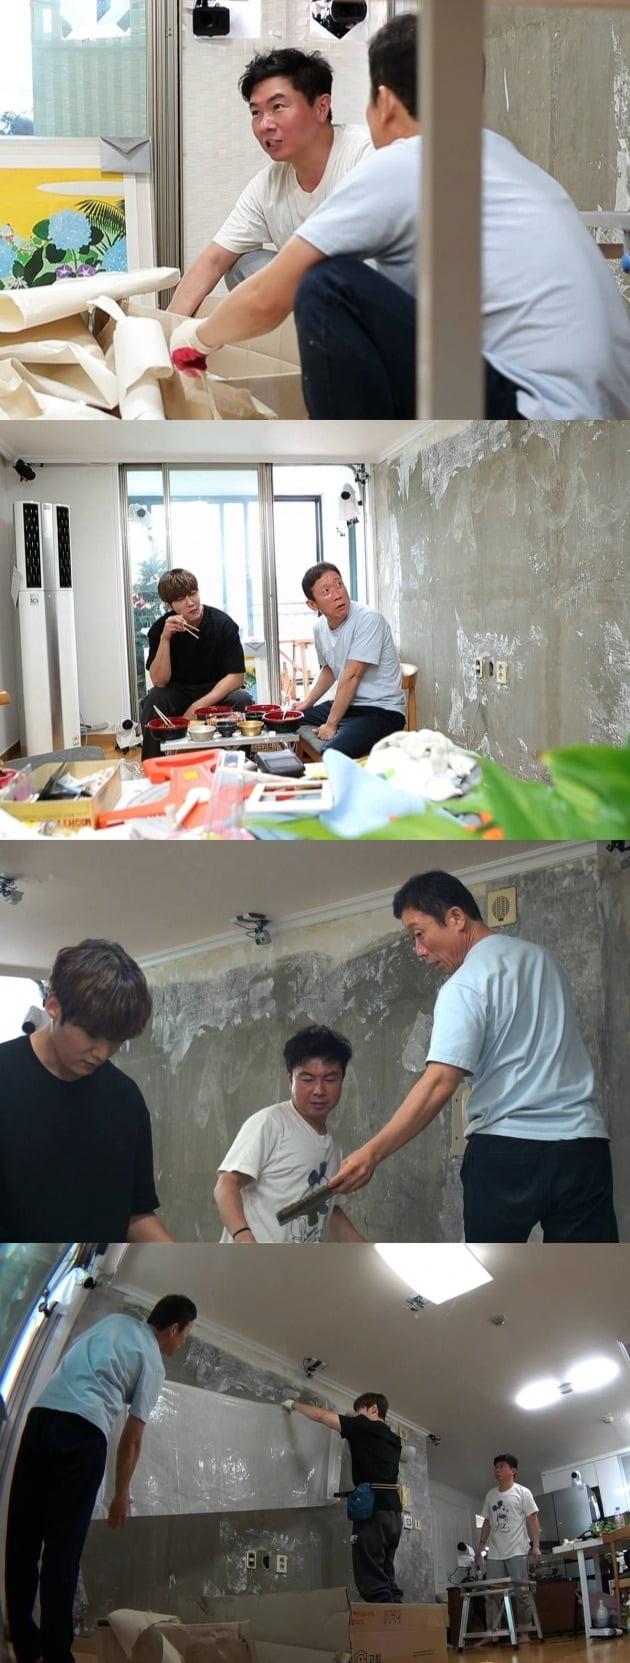 임원희가 정석용, 최진혁을 집으로 초대했다. / 사진제공=SBS